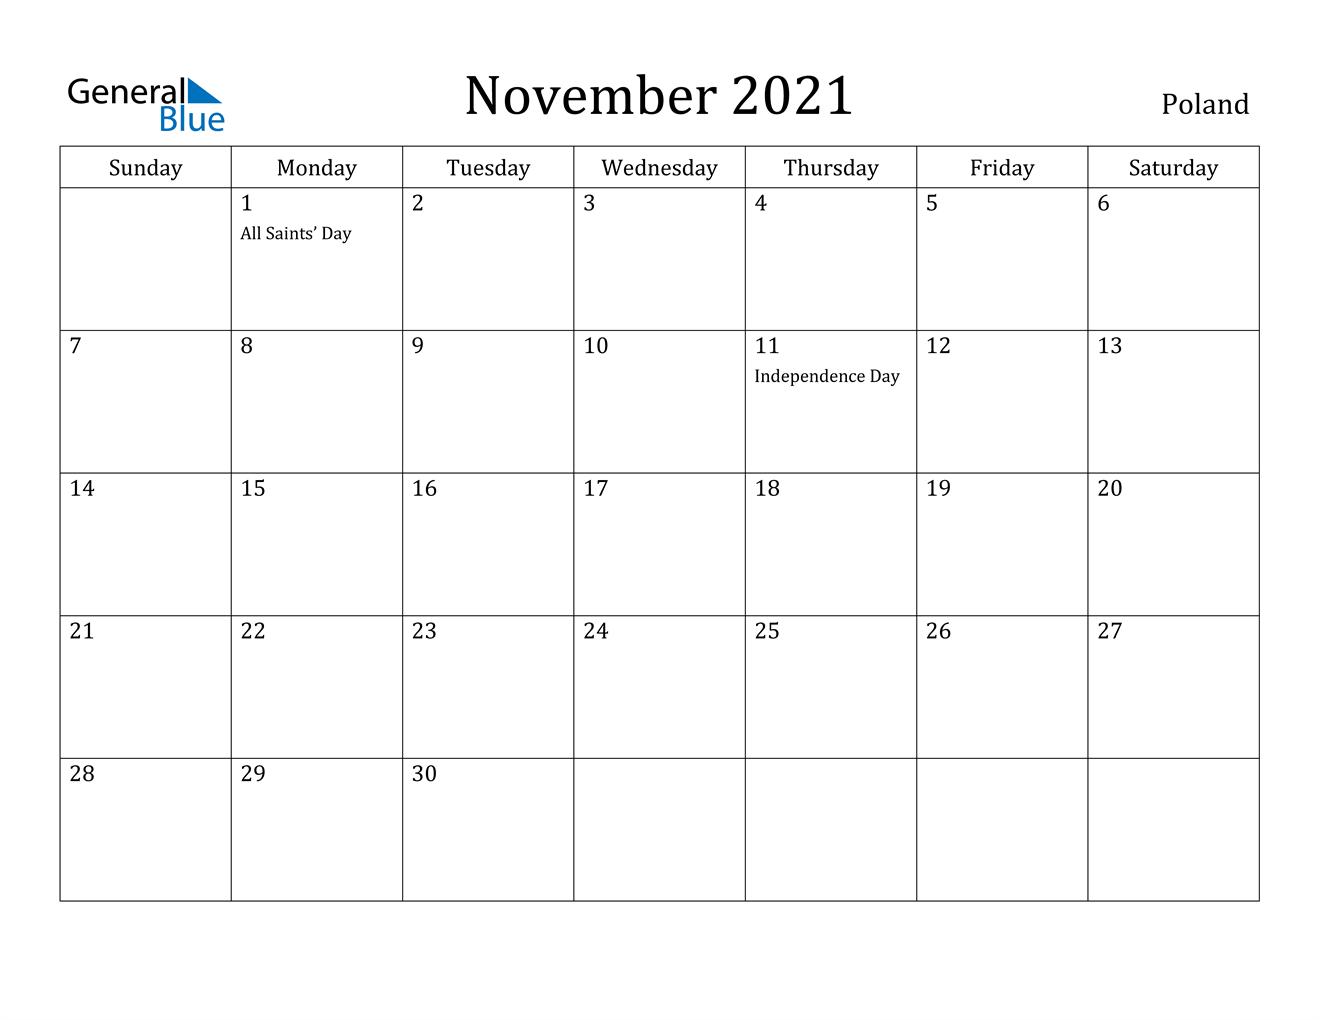 November 2021 Calendar - Poland